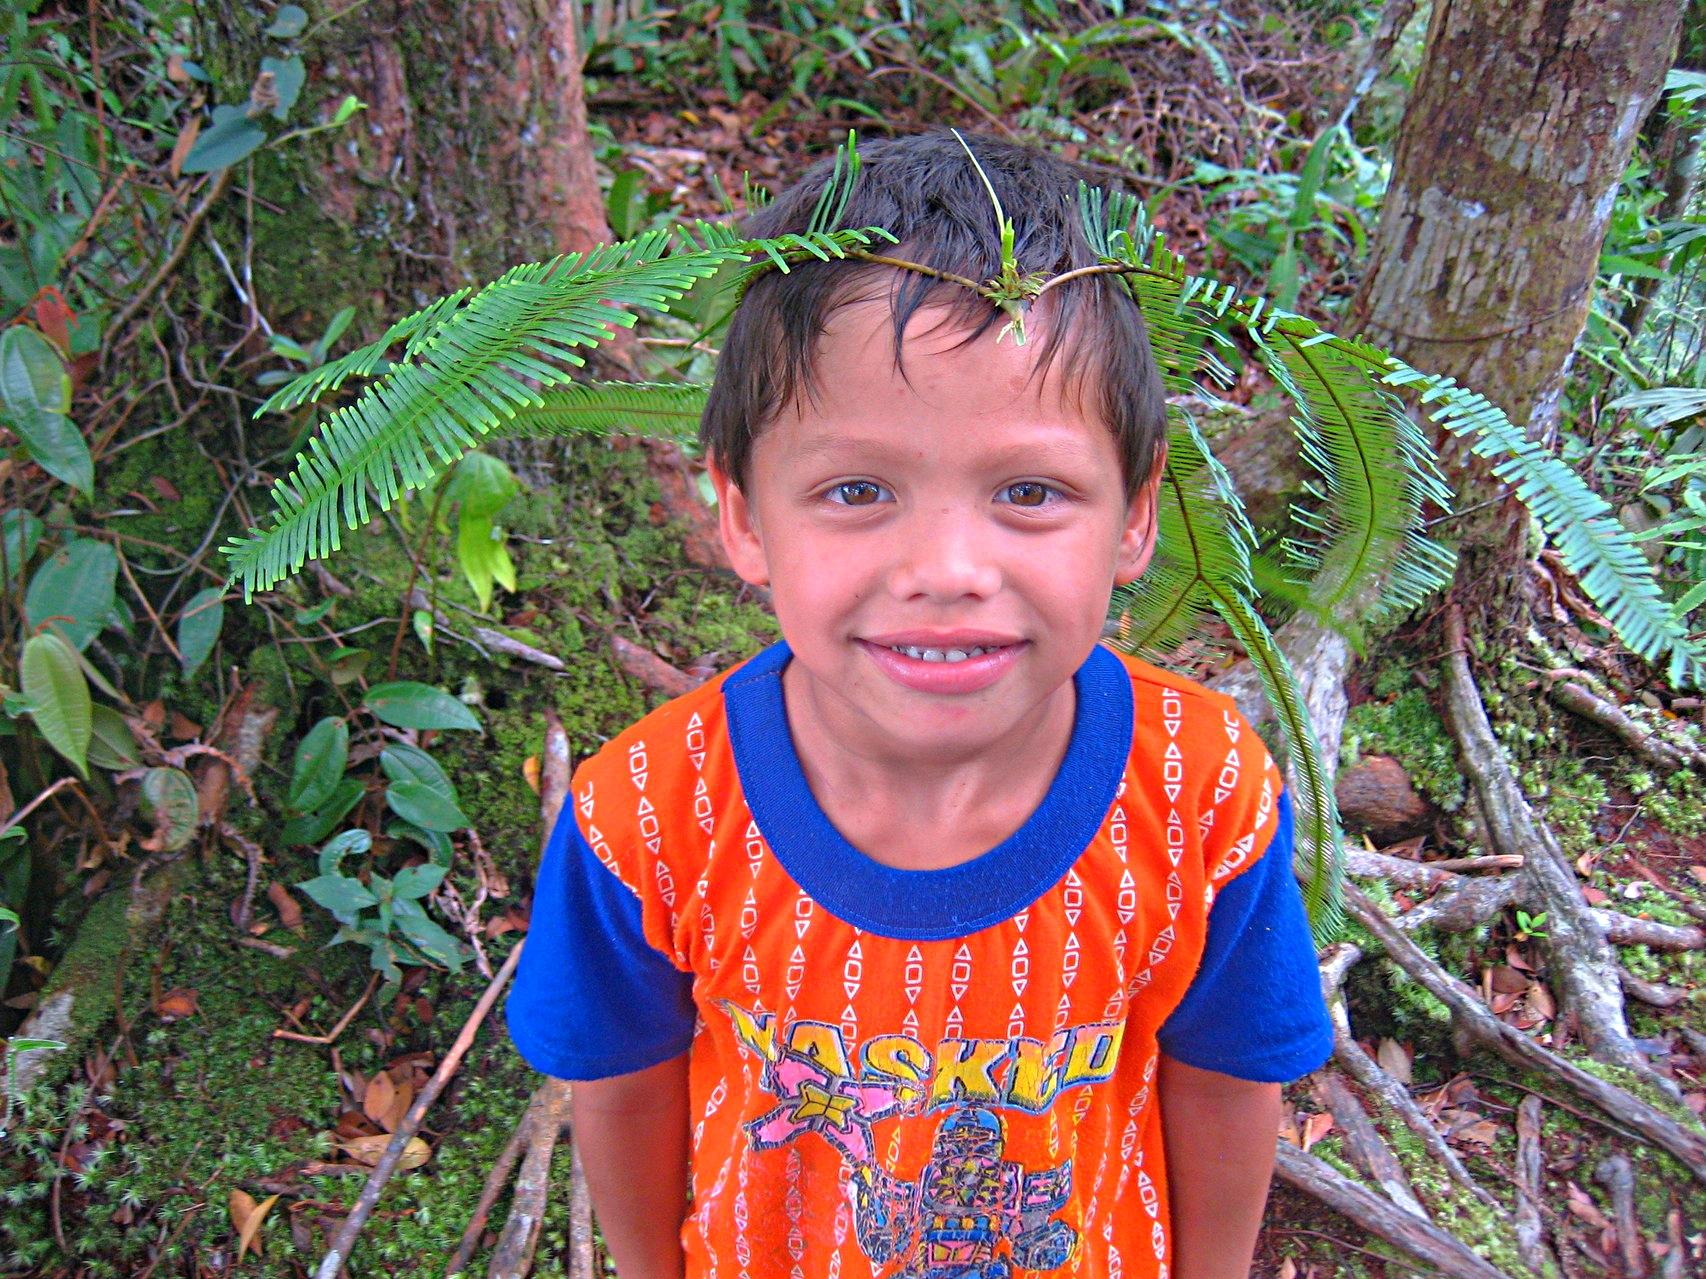 Dschungeltrek mit kleinem Kind